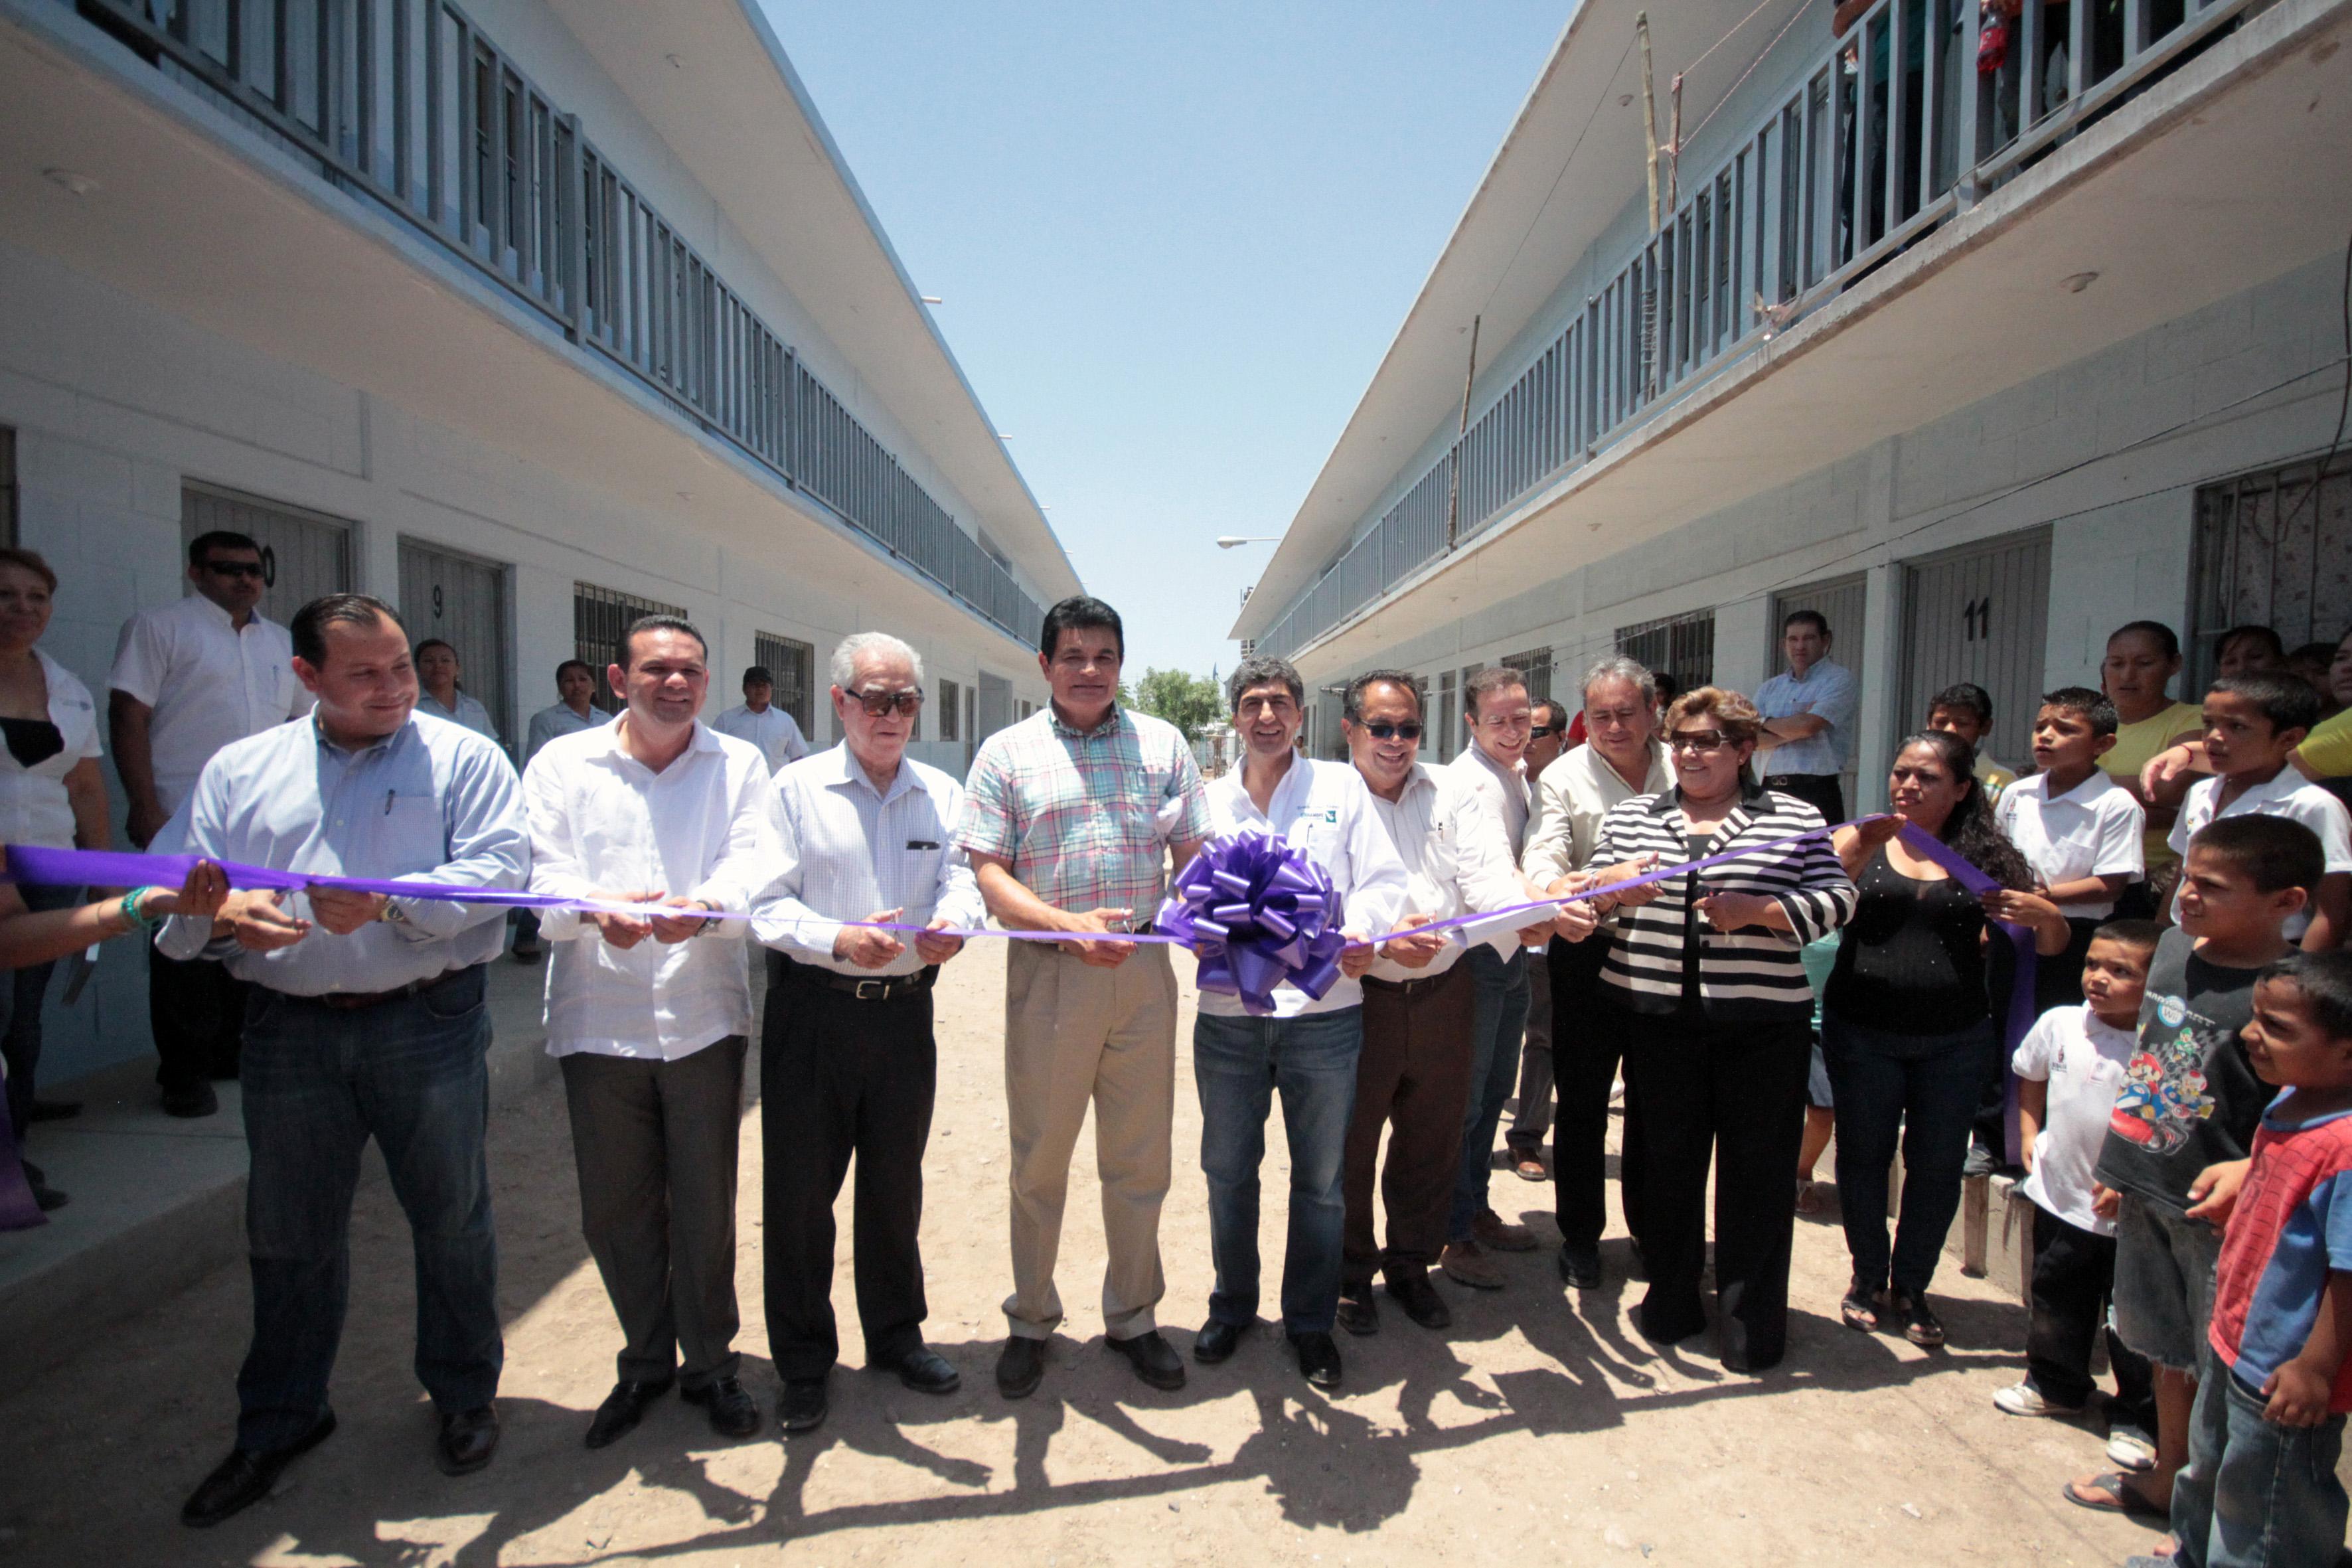 Sedesol trabaja para mejorar la calidad de vida de las y los jornaleros mediante una atención integral